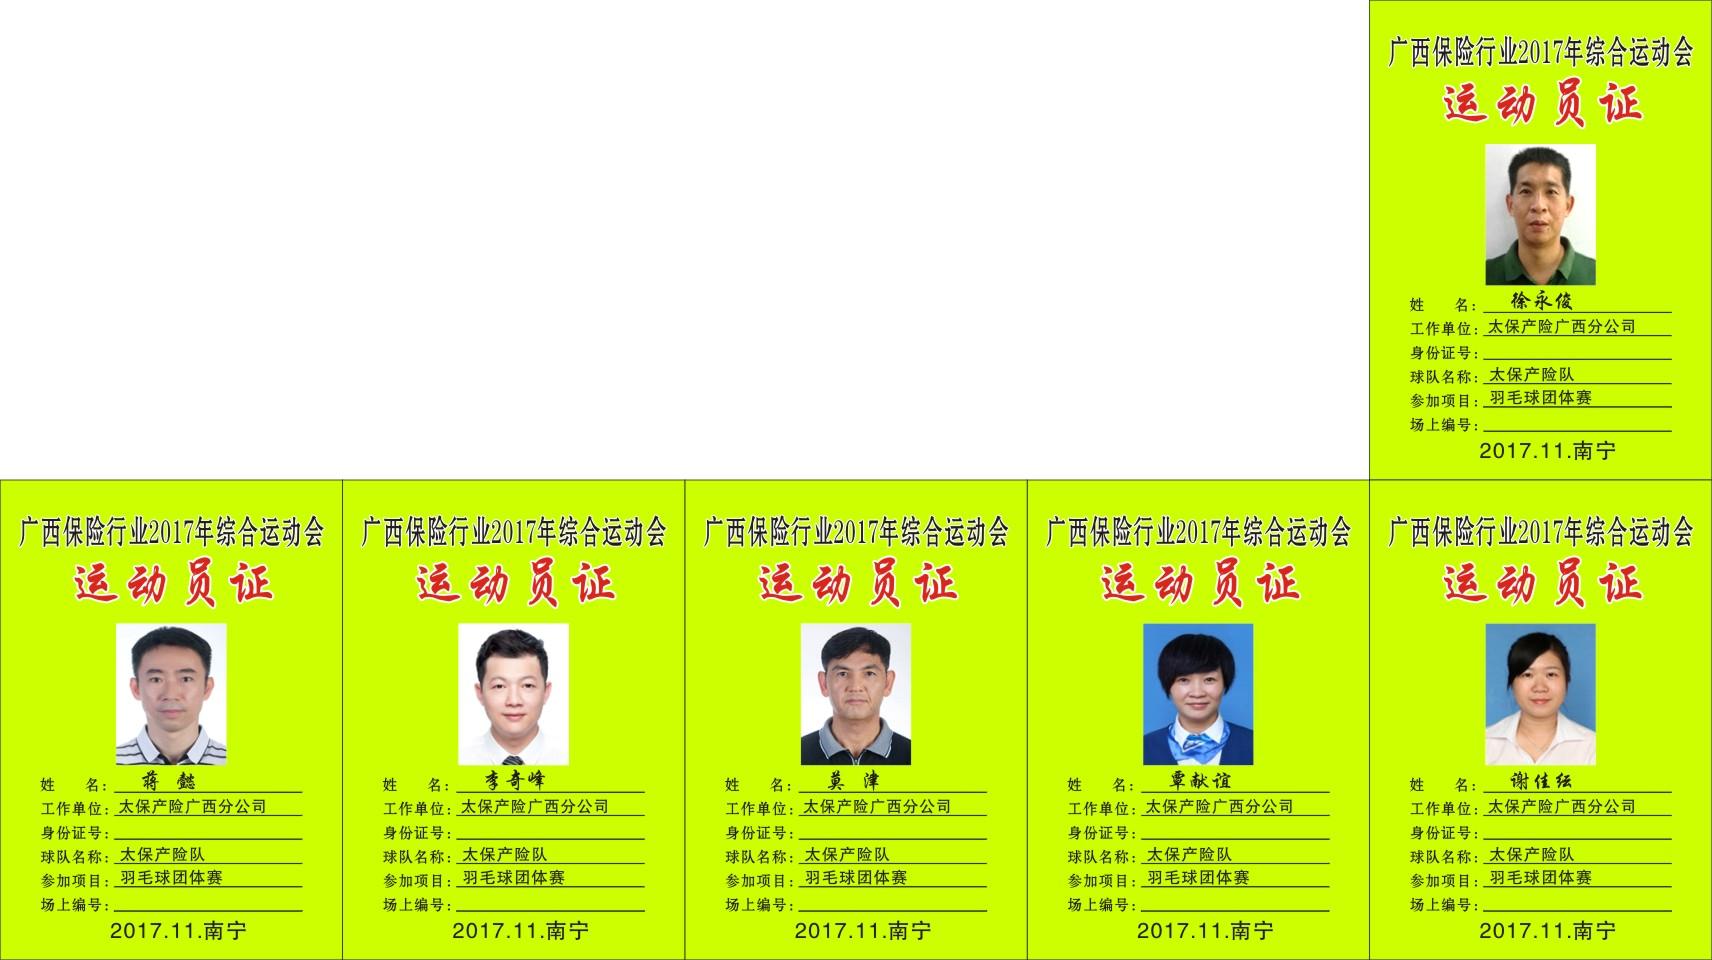 15太保产险广西分公司.jpg